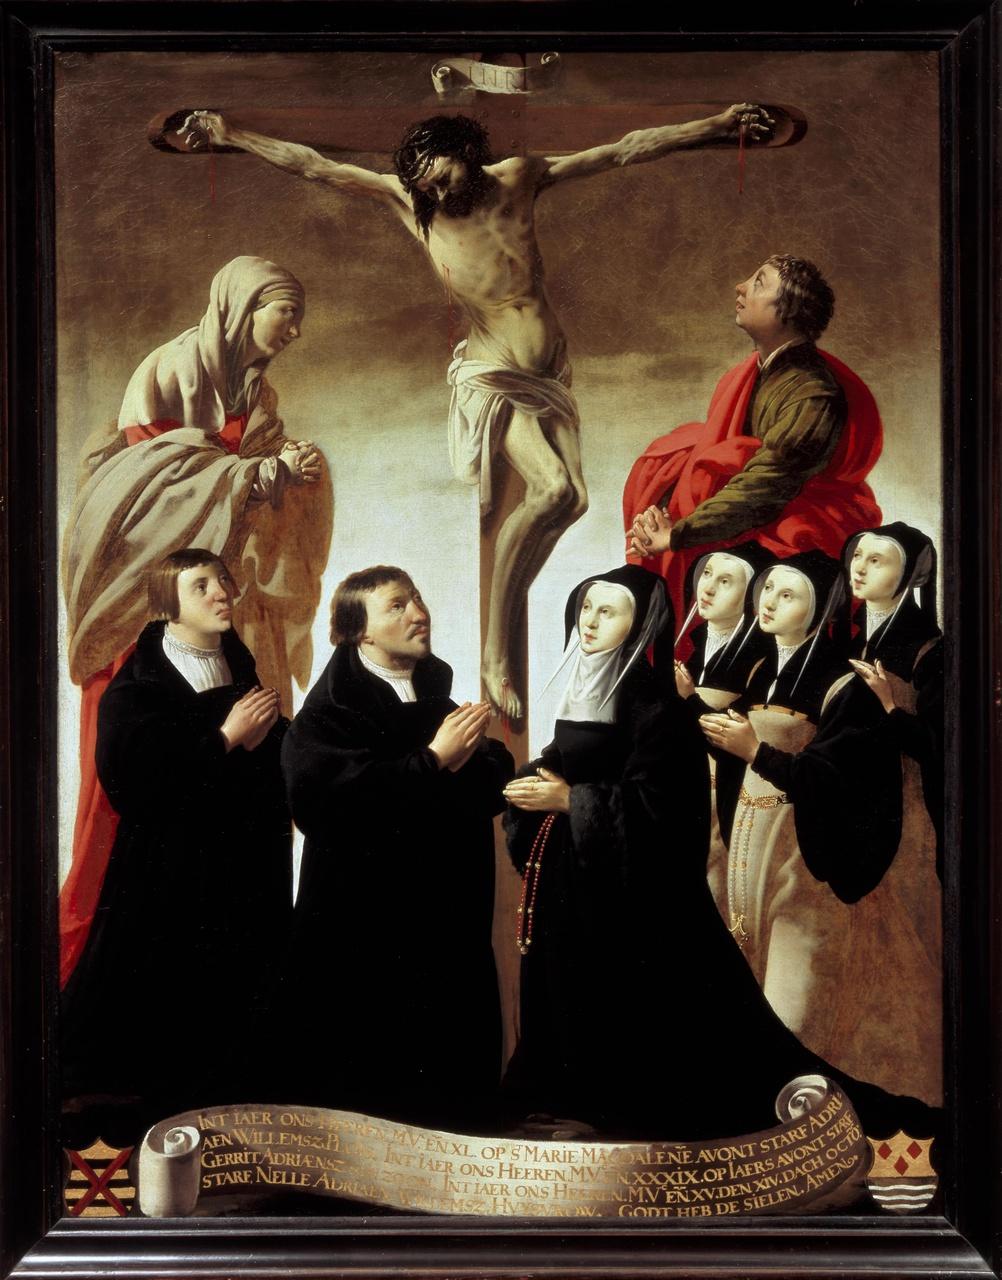 De kruisiging met Maria, Johannes en leden van de familie van Adriaen Willemsz. Ploos